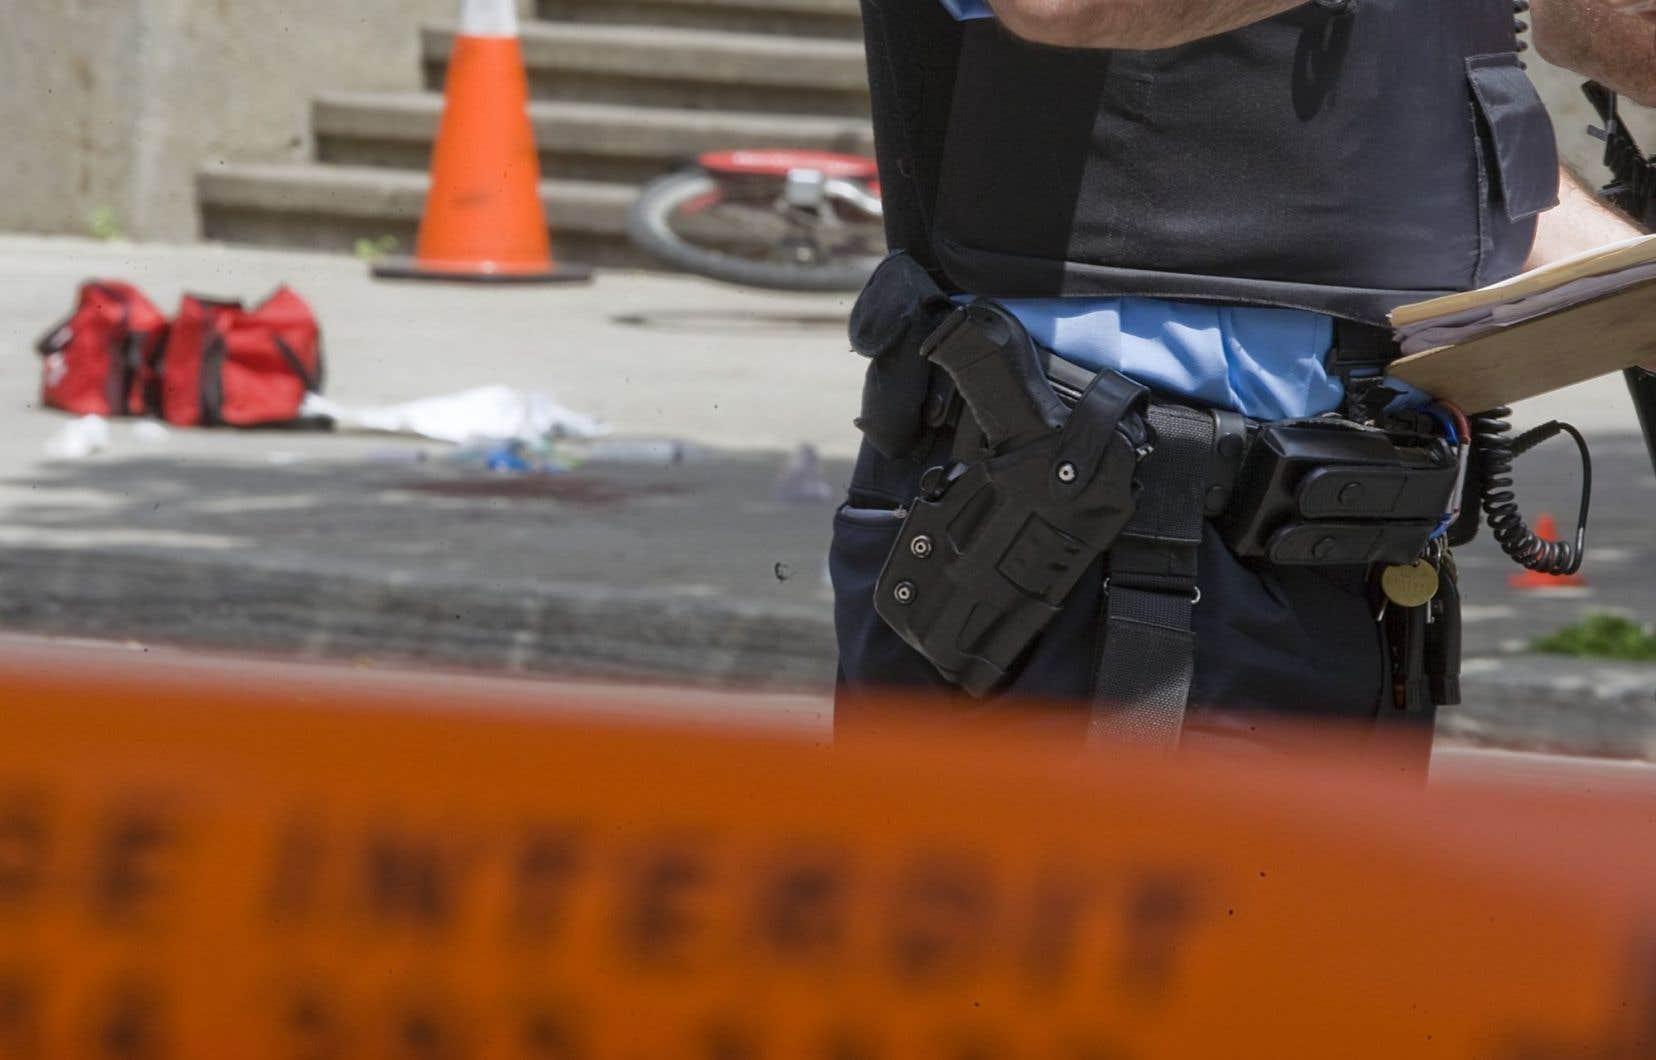 Entre 2006 et 2010, 12 des 47 personnes atteintes de projectiles provenant d'agents de la paix québécois voulaient commettre un «suicide par policier interposé».